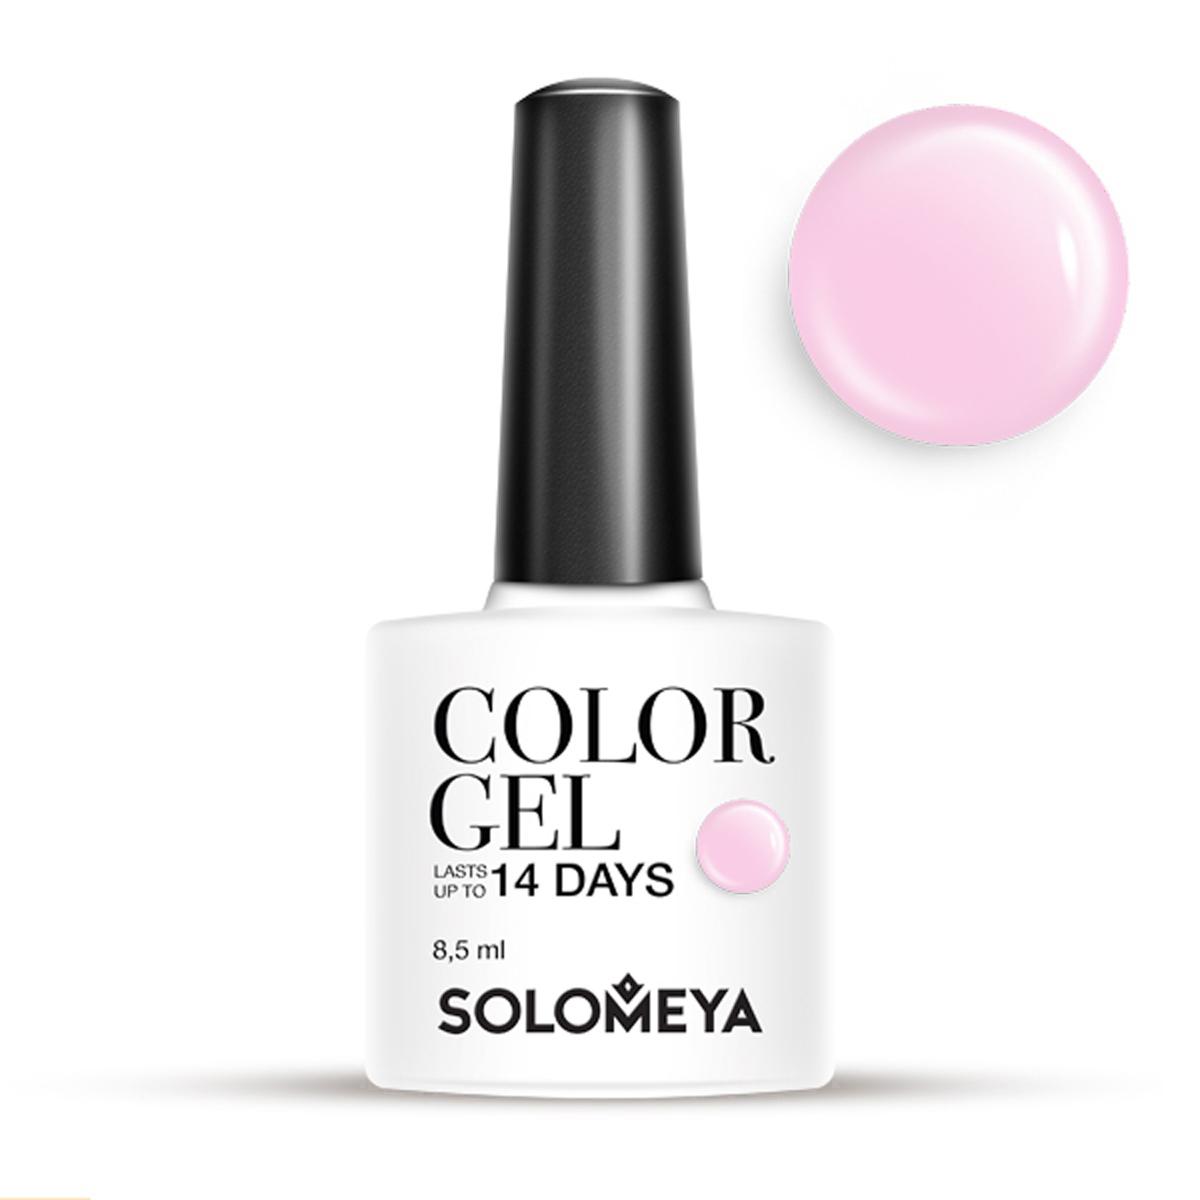 Купить SOLOMEYA Гель-лак для ногтей SCGLE051 Розовый ирис / Color Gel Pink Iris 8, 5 мл